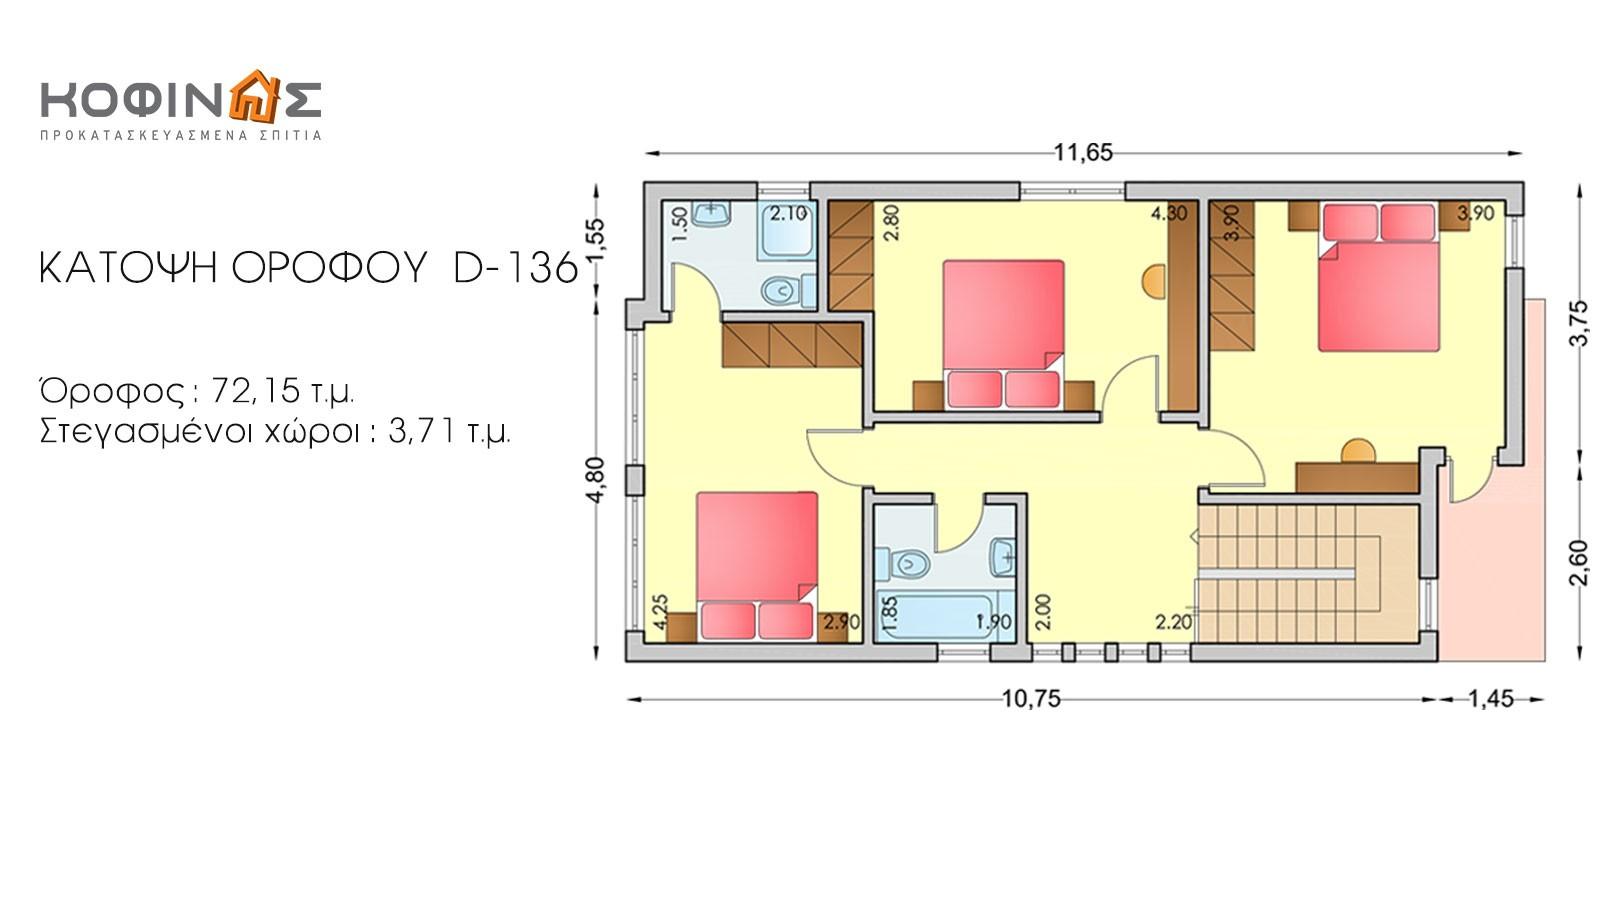 Διώροφη Κατοικία D-136, συνολικής επιφάνειας 136,39 τ.μ.